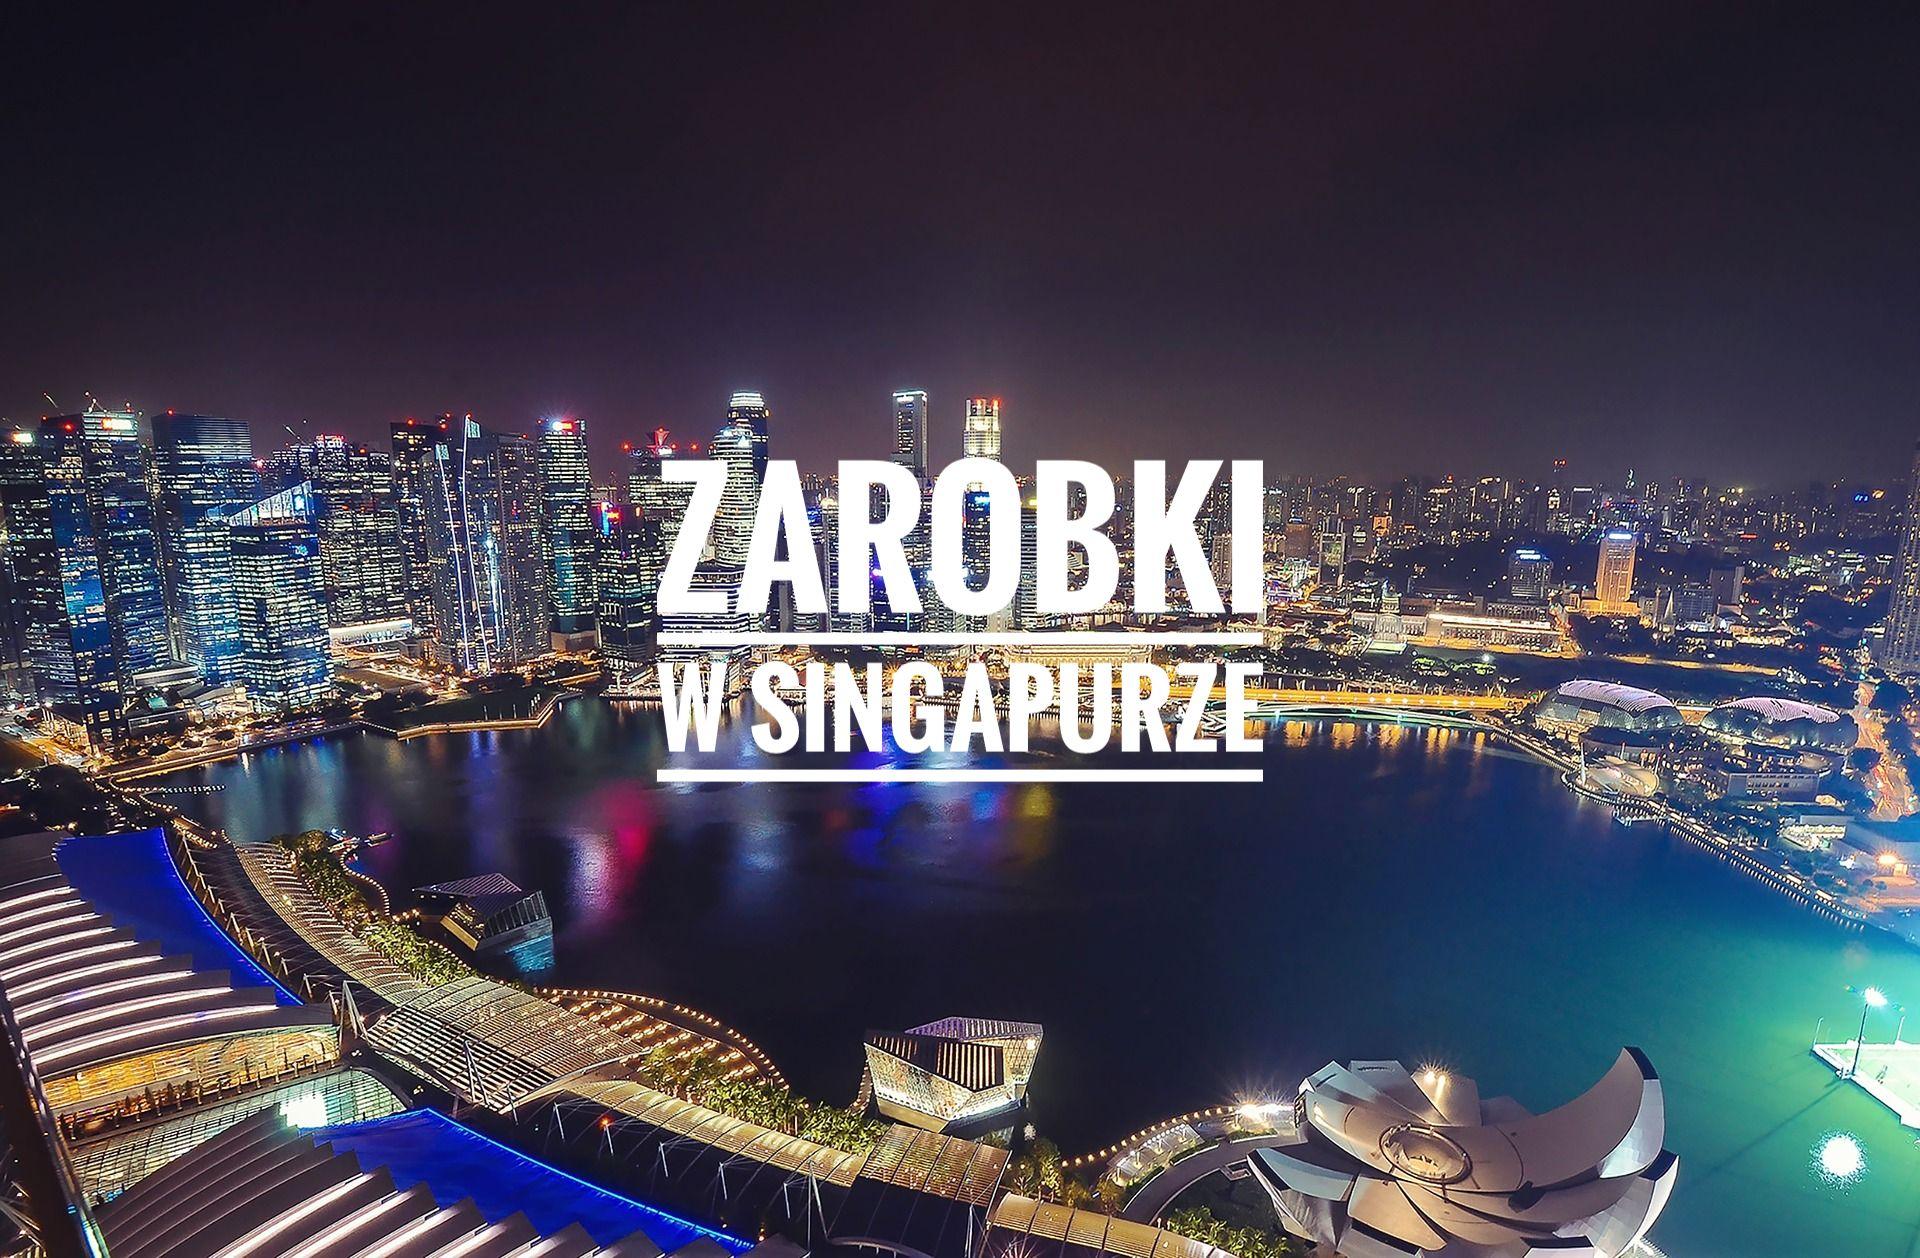 Zarobki w Singapurze - okładka postu